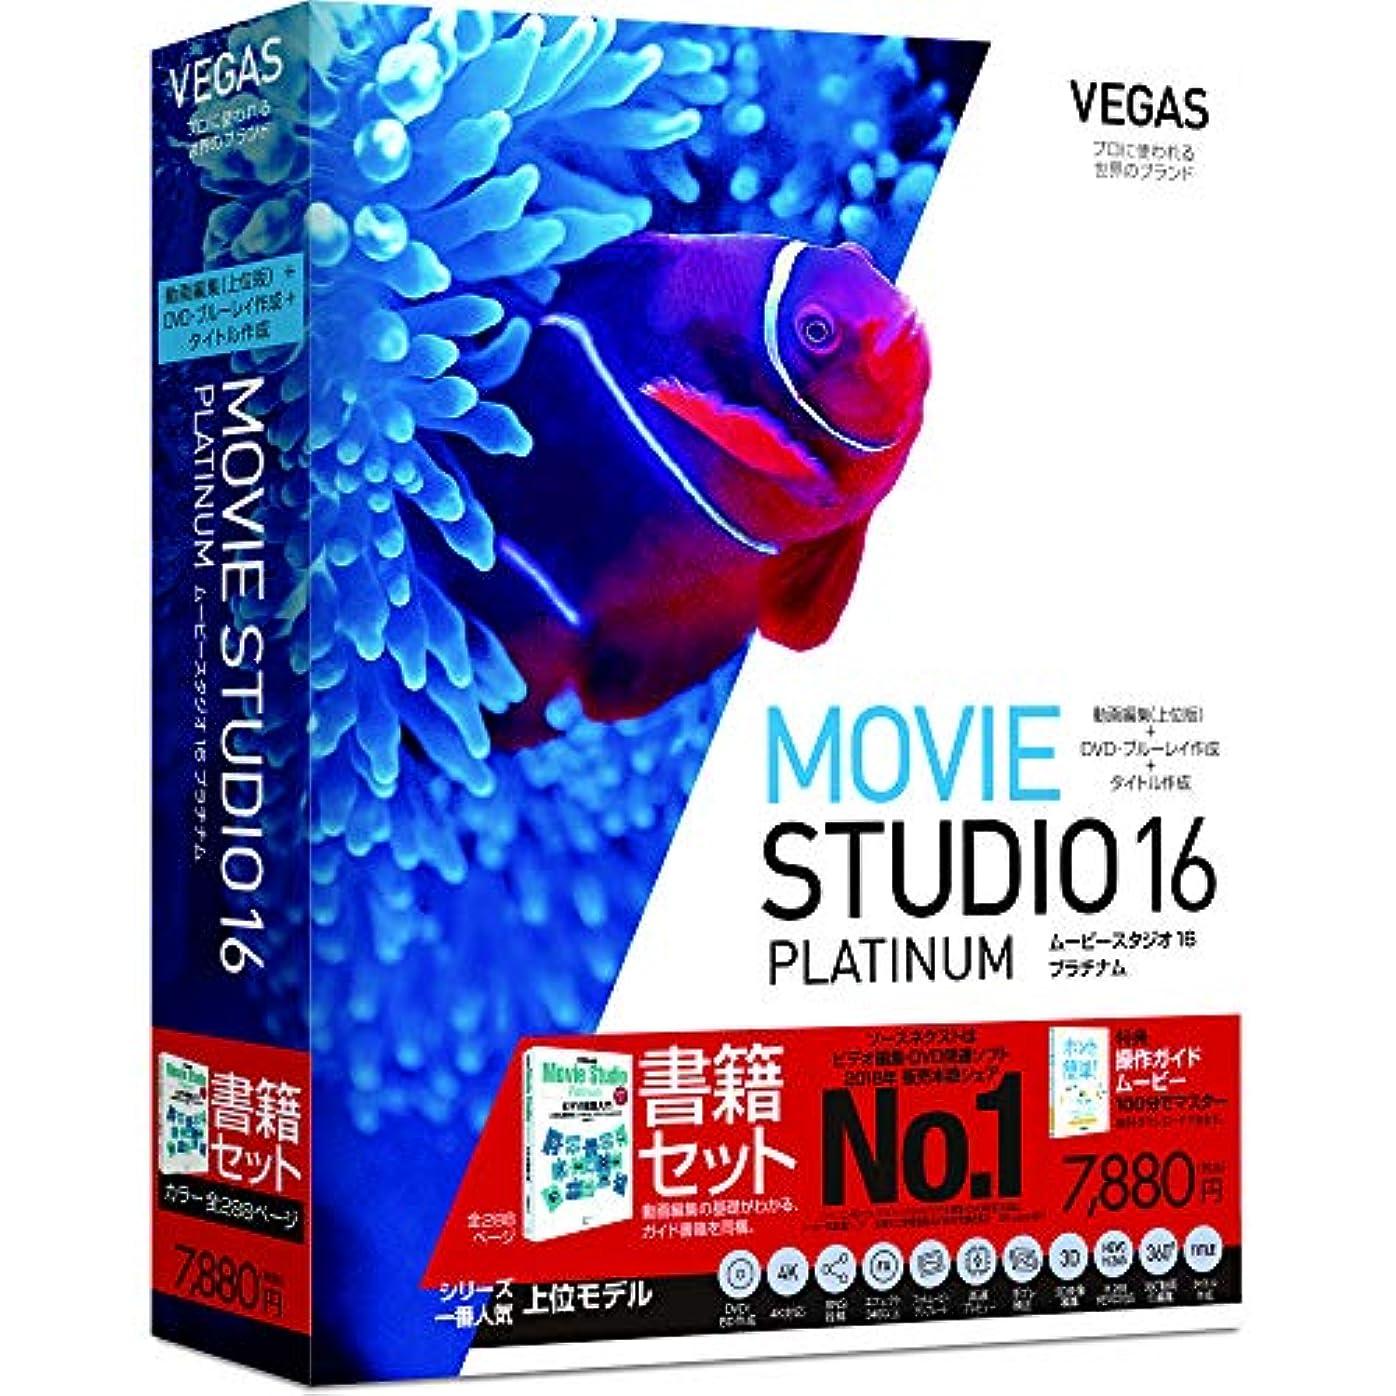 不一致風邪をひく免除VEGAS Movie Studio 16 Platinumガイドブック版(最新)|Win対応